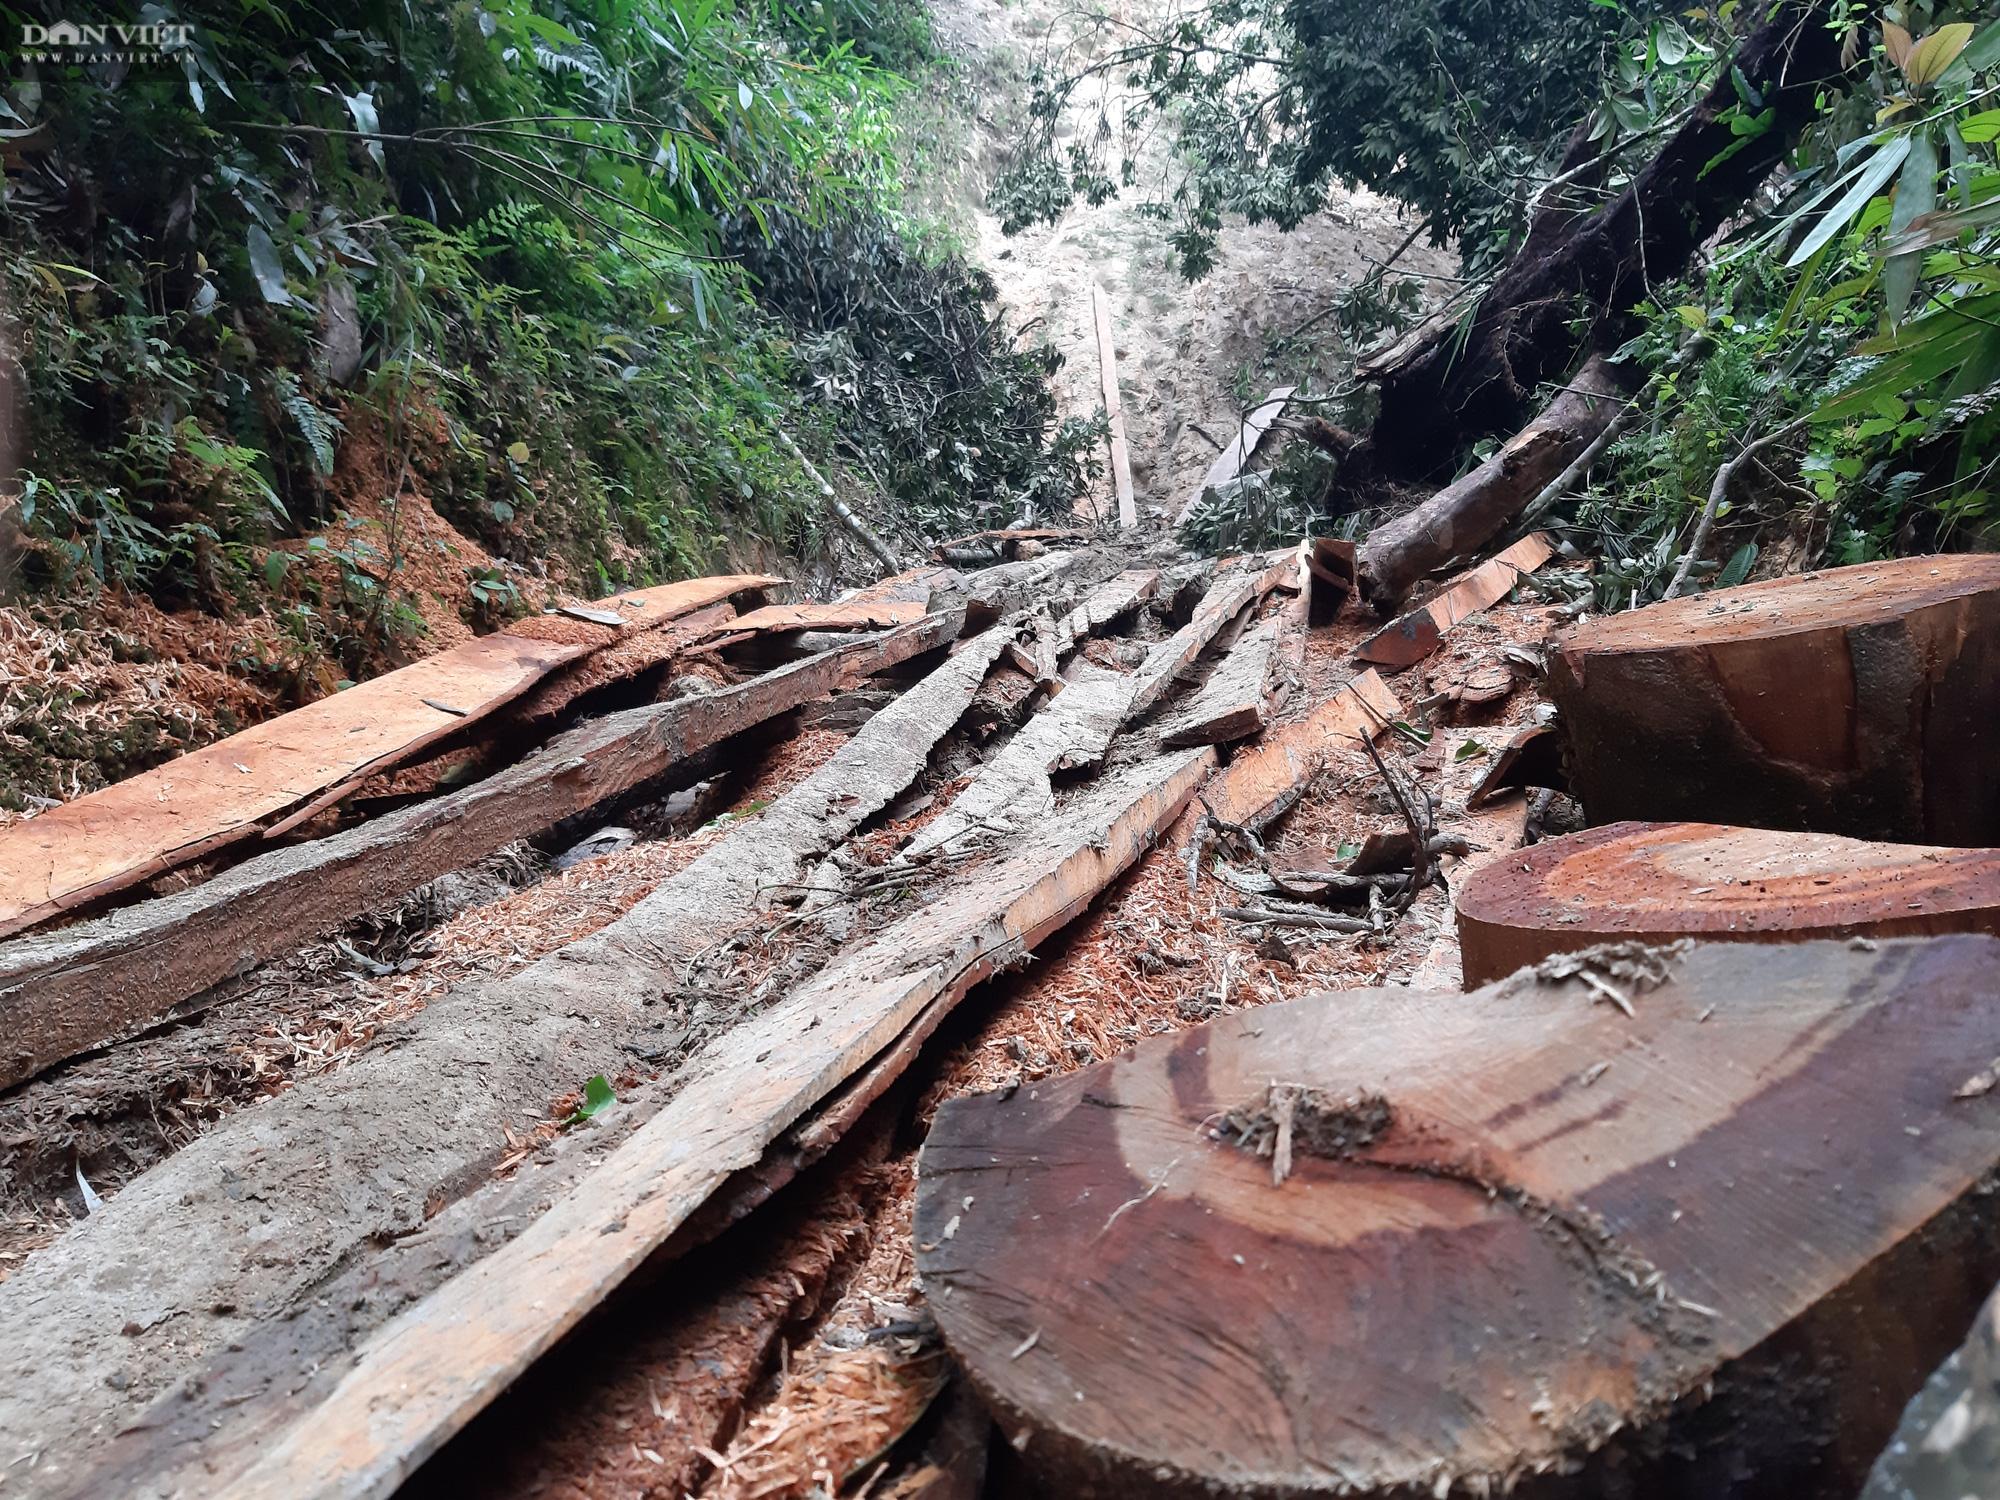 Phá rừng pơ mu VQG Hoàng Liên: UBND tỉnh Lào Cai sẽ tiếp tục xử lý trách nhiệm tổ chức, cá nhân có liên quan - Ảnh 5.